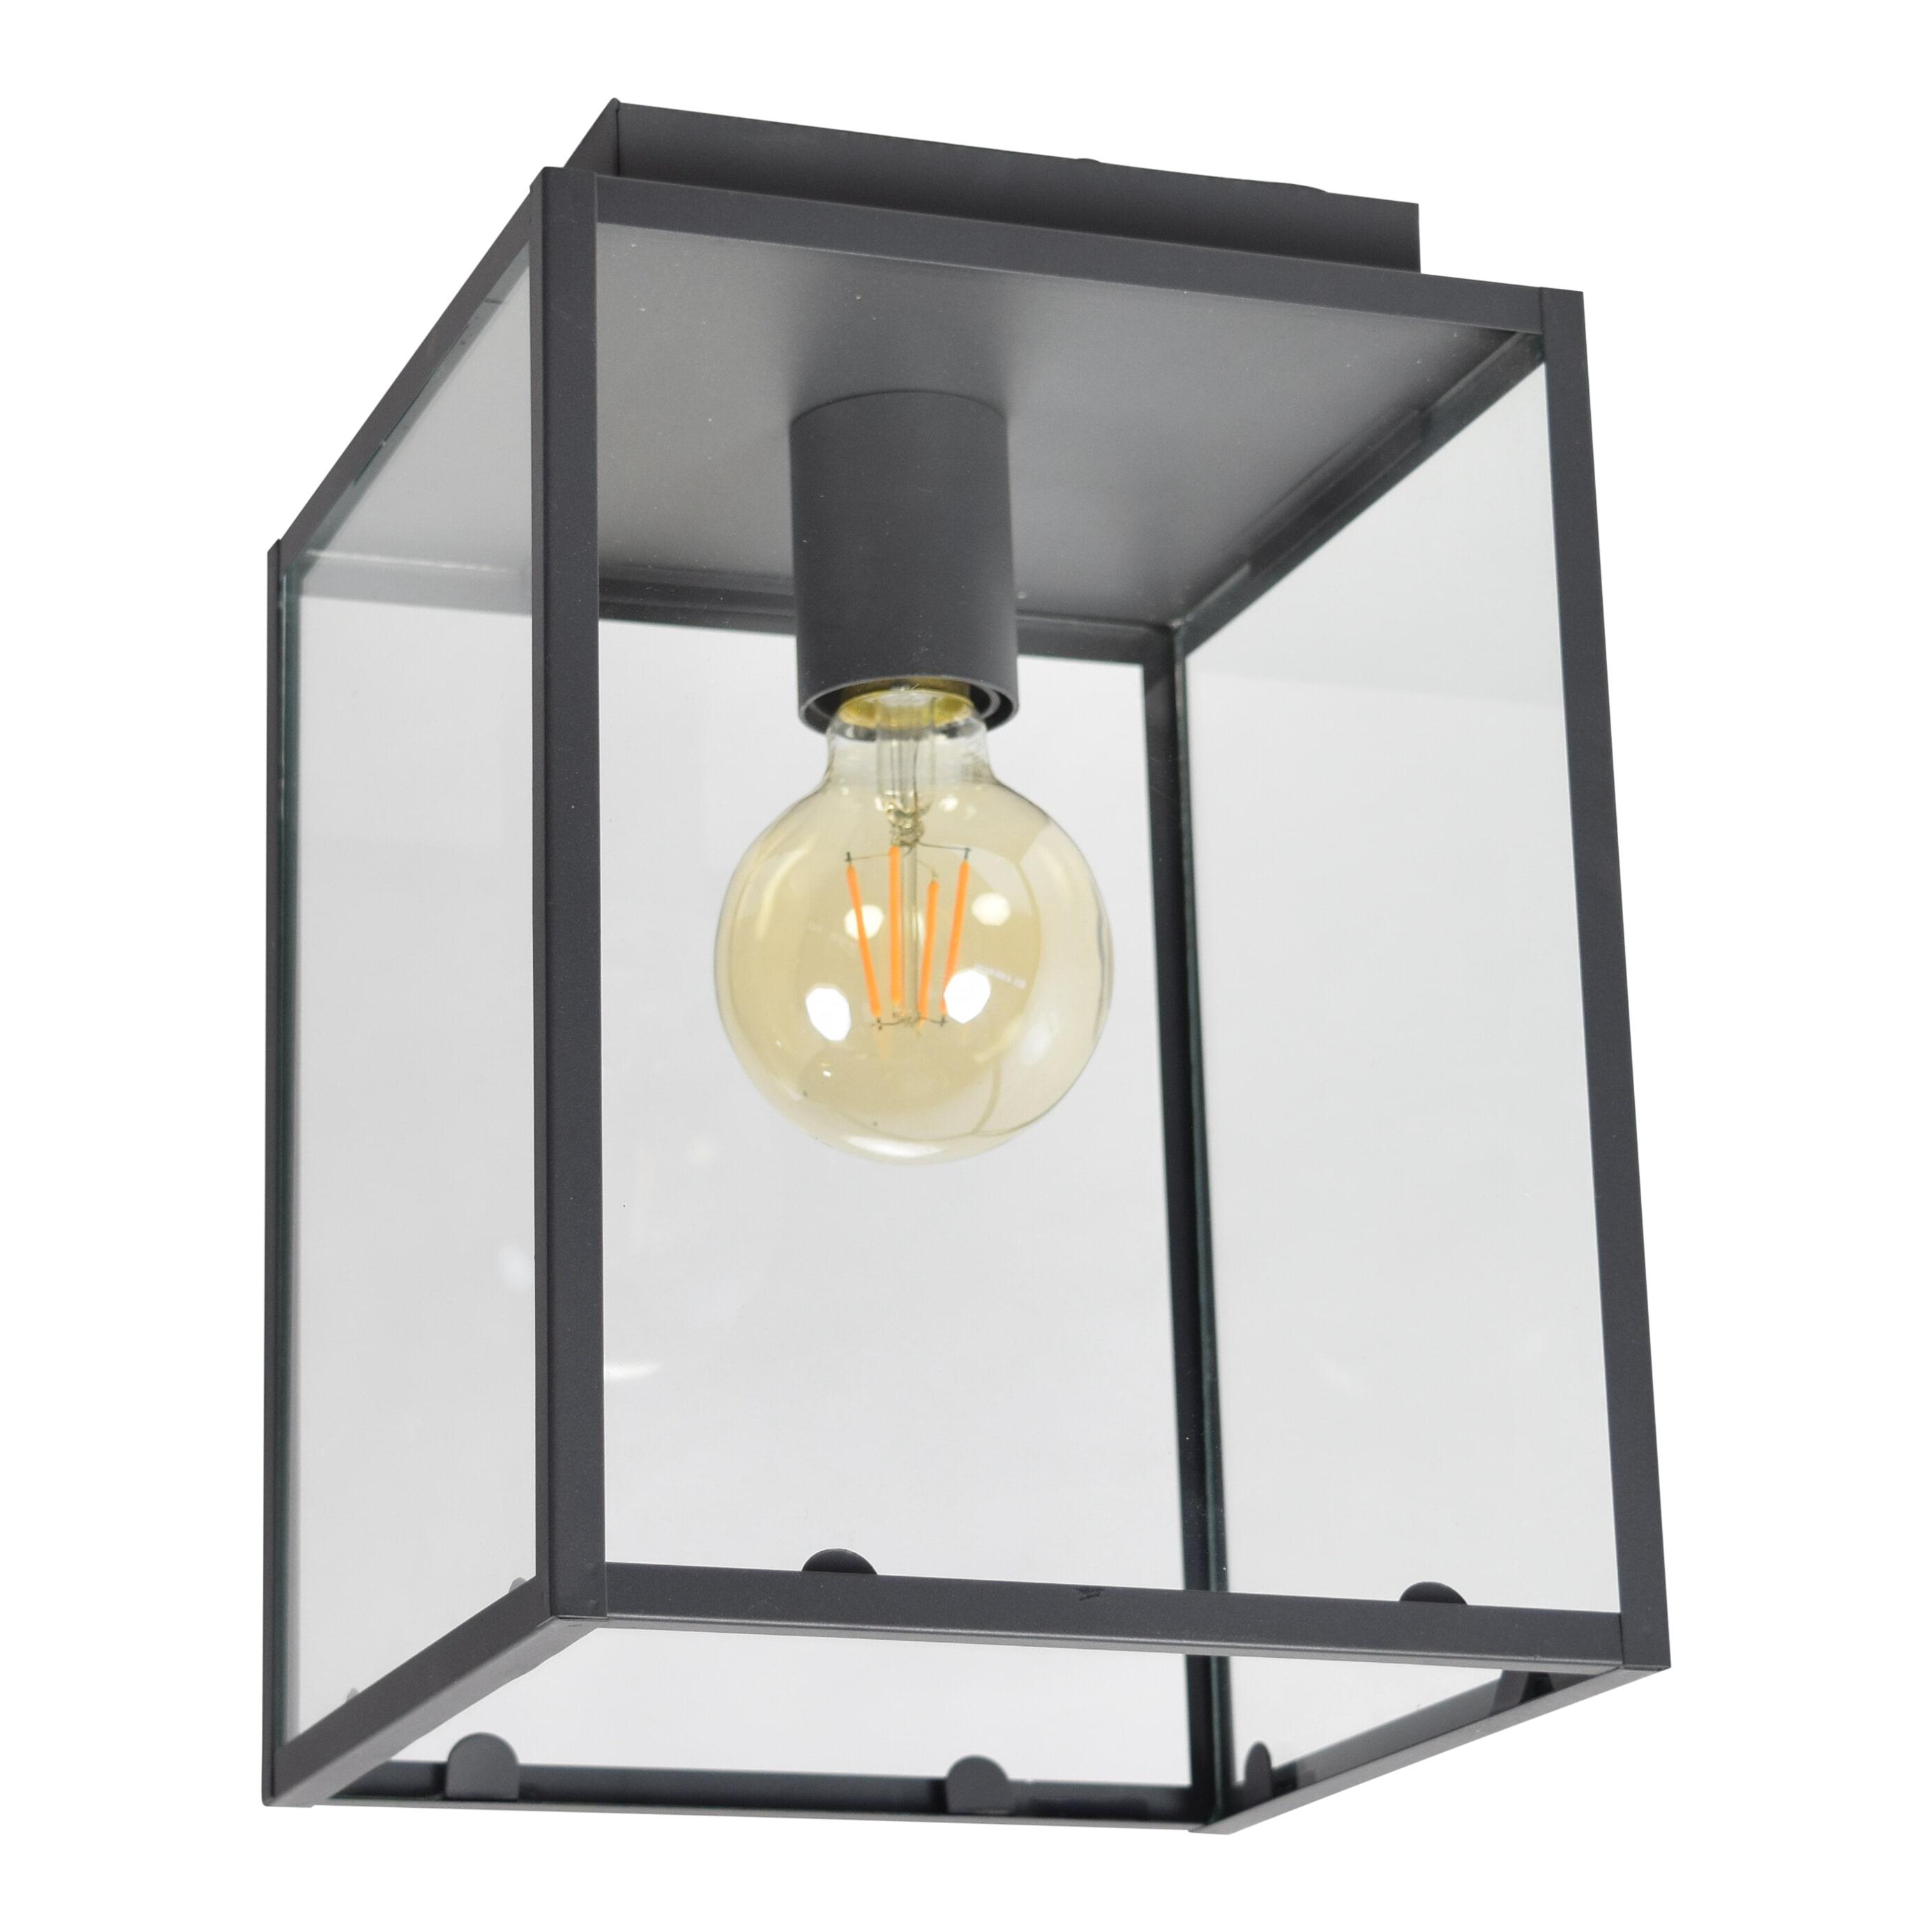 Urban Interiors plafondlamp 'Sky', kleur Zwart Verlichting   Plafondlampen vergelijken doe je het voordeligst hier bij Meubelpartner